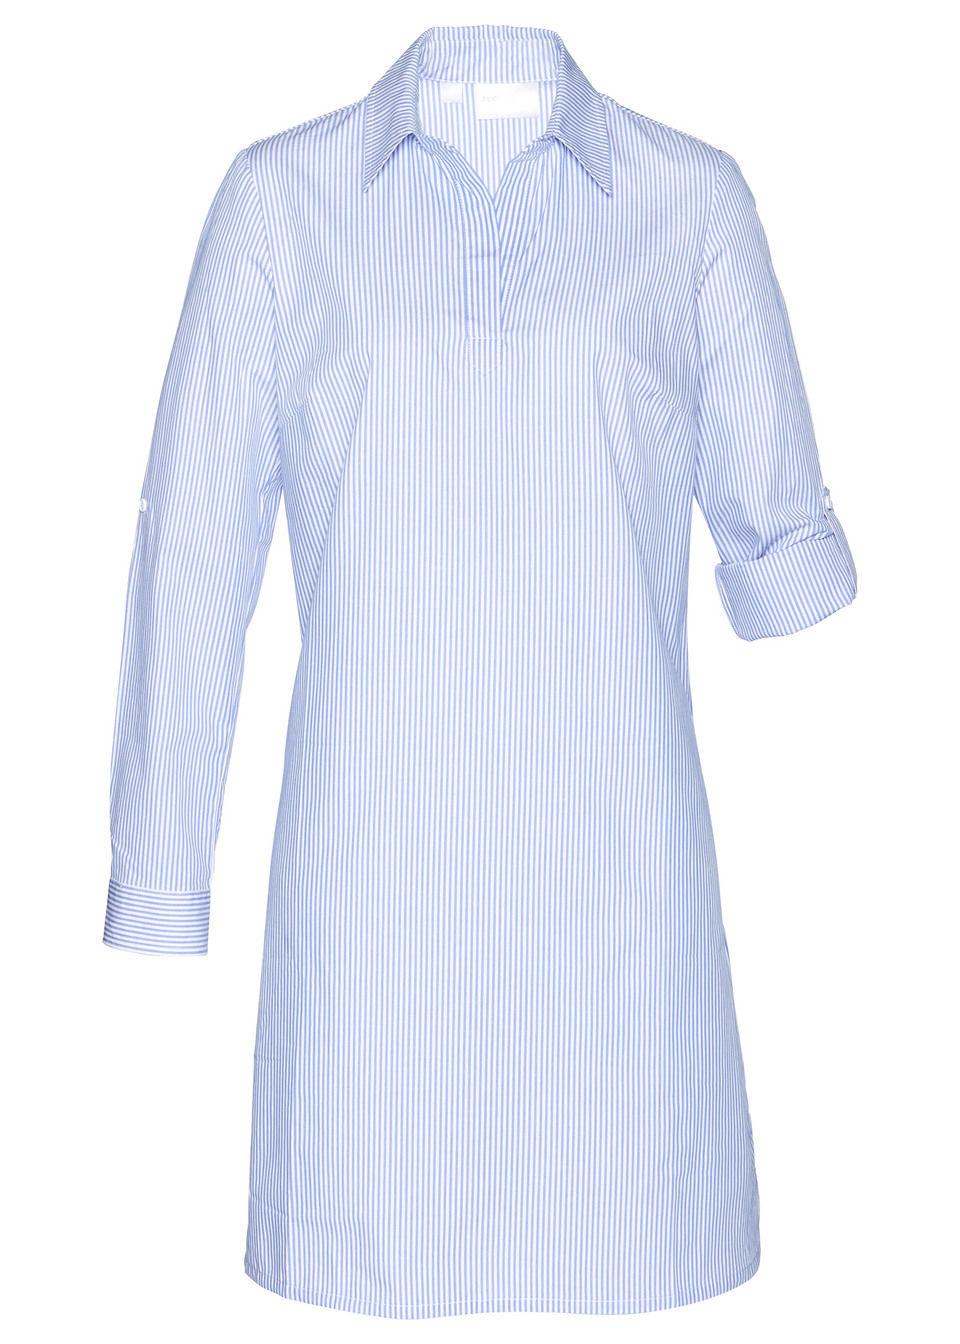 Платье рубашечного покроя, bonprix, белый/синий в полоску  - купить со скидкой